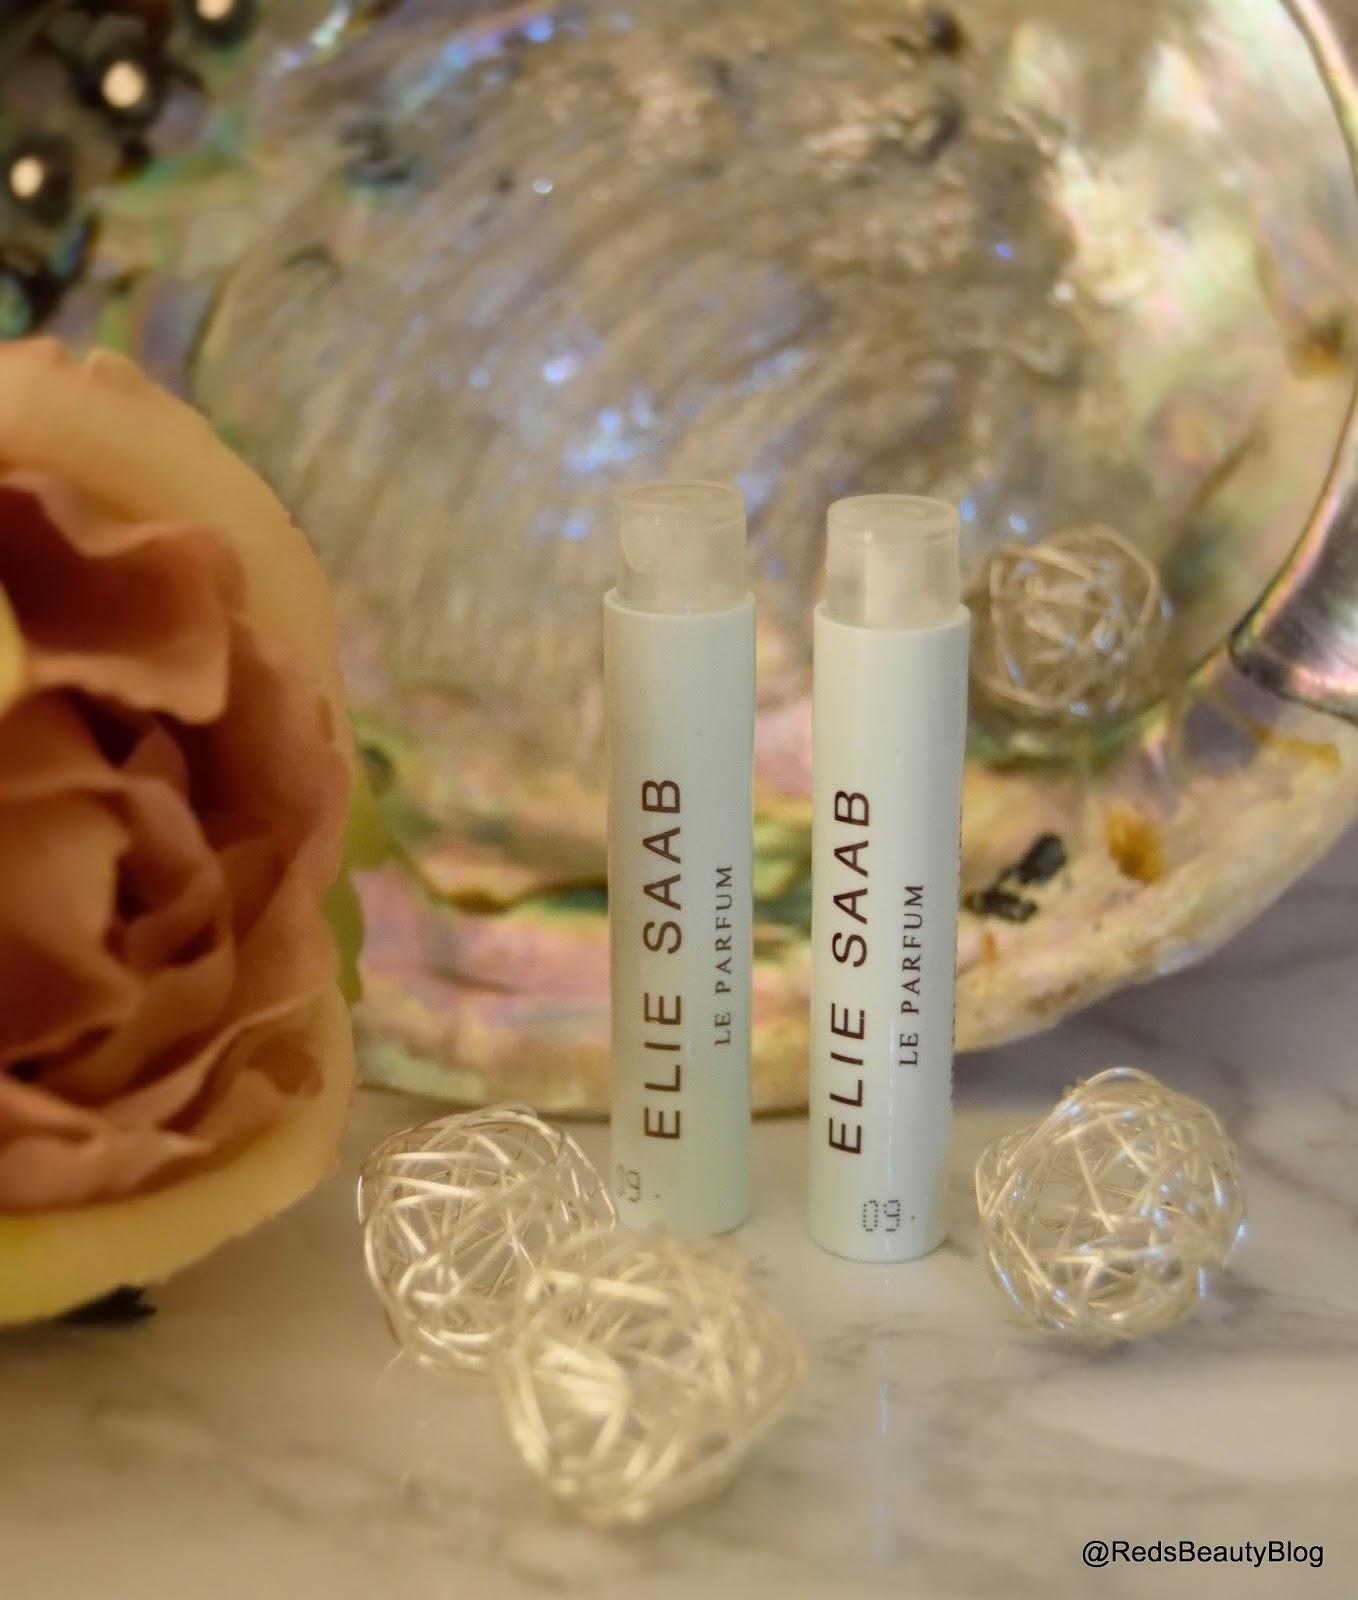 a picture of Elie Saab Le Parfum Eau De Toilette